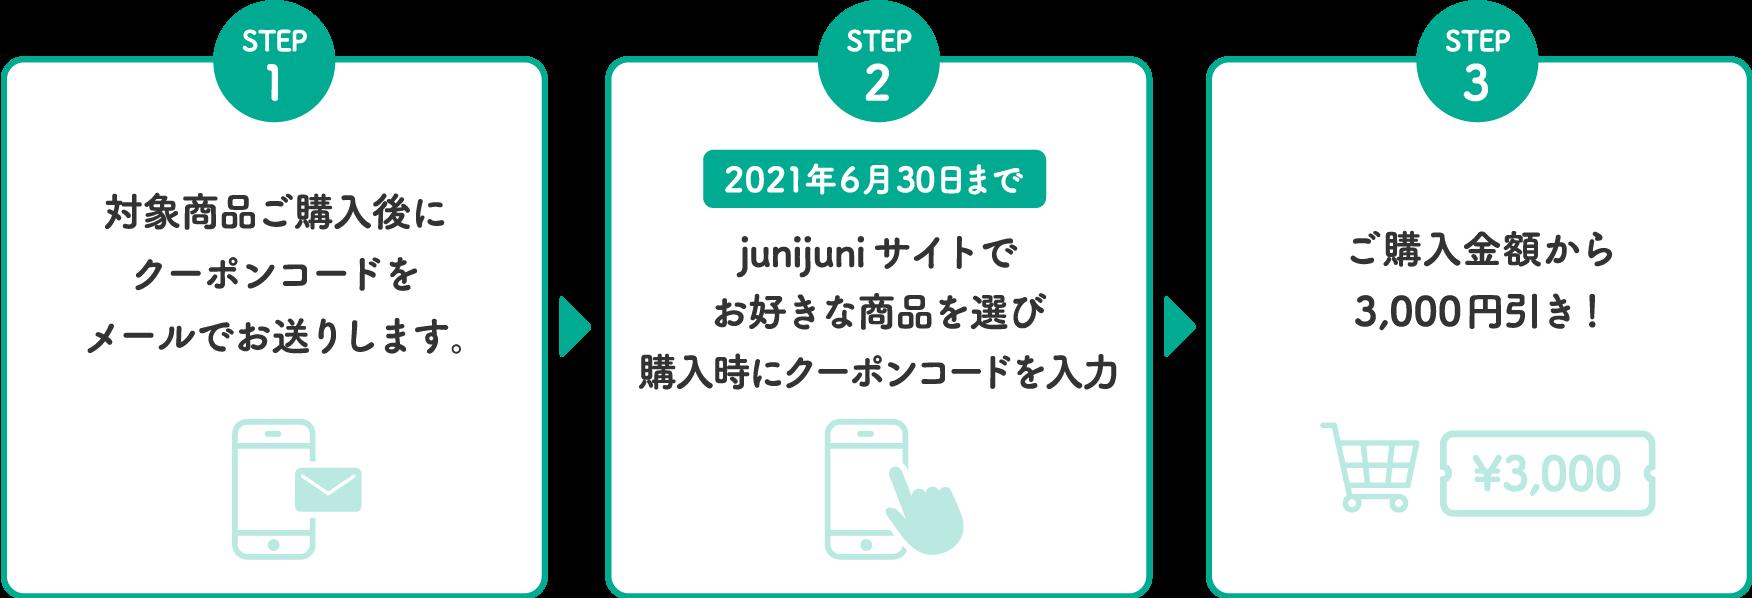 STEP1 対象商品ご購入後にクーポンコードをメールでお送りします。 STEP2 junijuniサイトでお好きな商品を選び購入時にクーポンコードを入力 2021年6月30日まで STEP3 ご購入金額から3,000円引き!